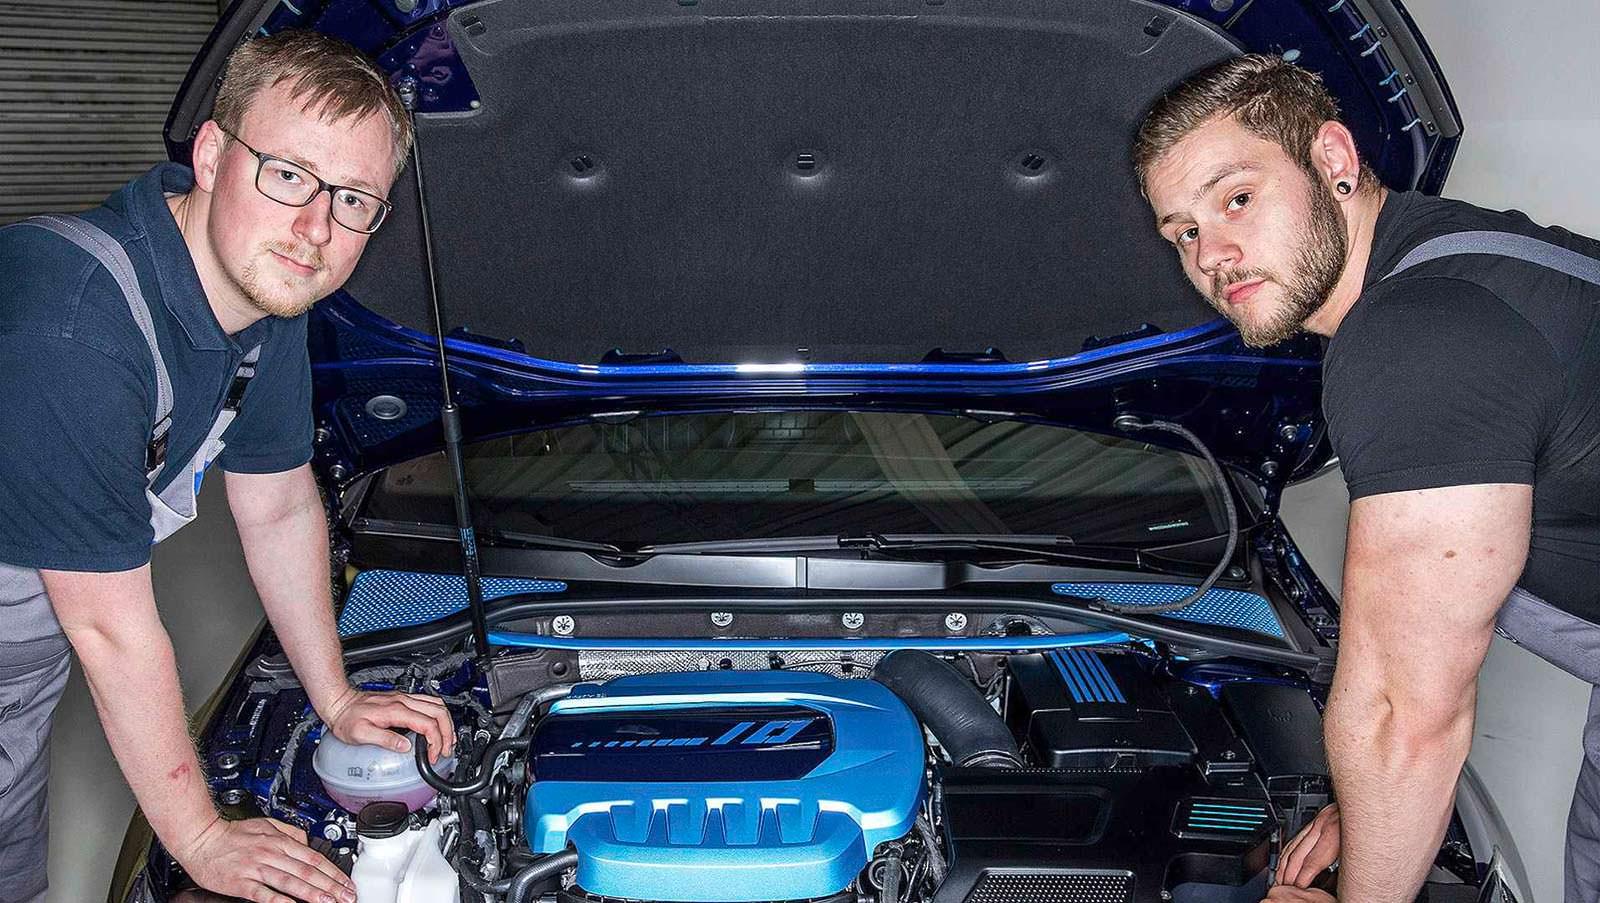 Гибридный двигатель Volkswagen мощностью 410-сил